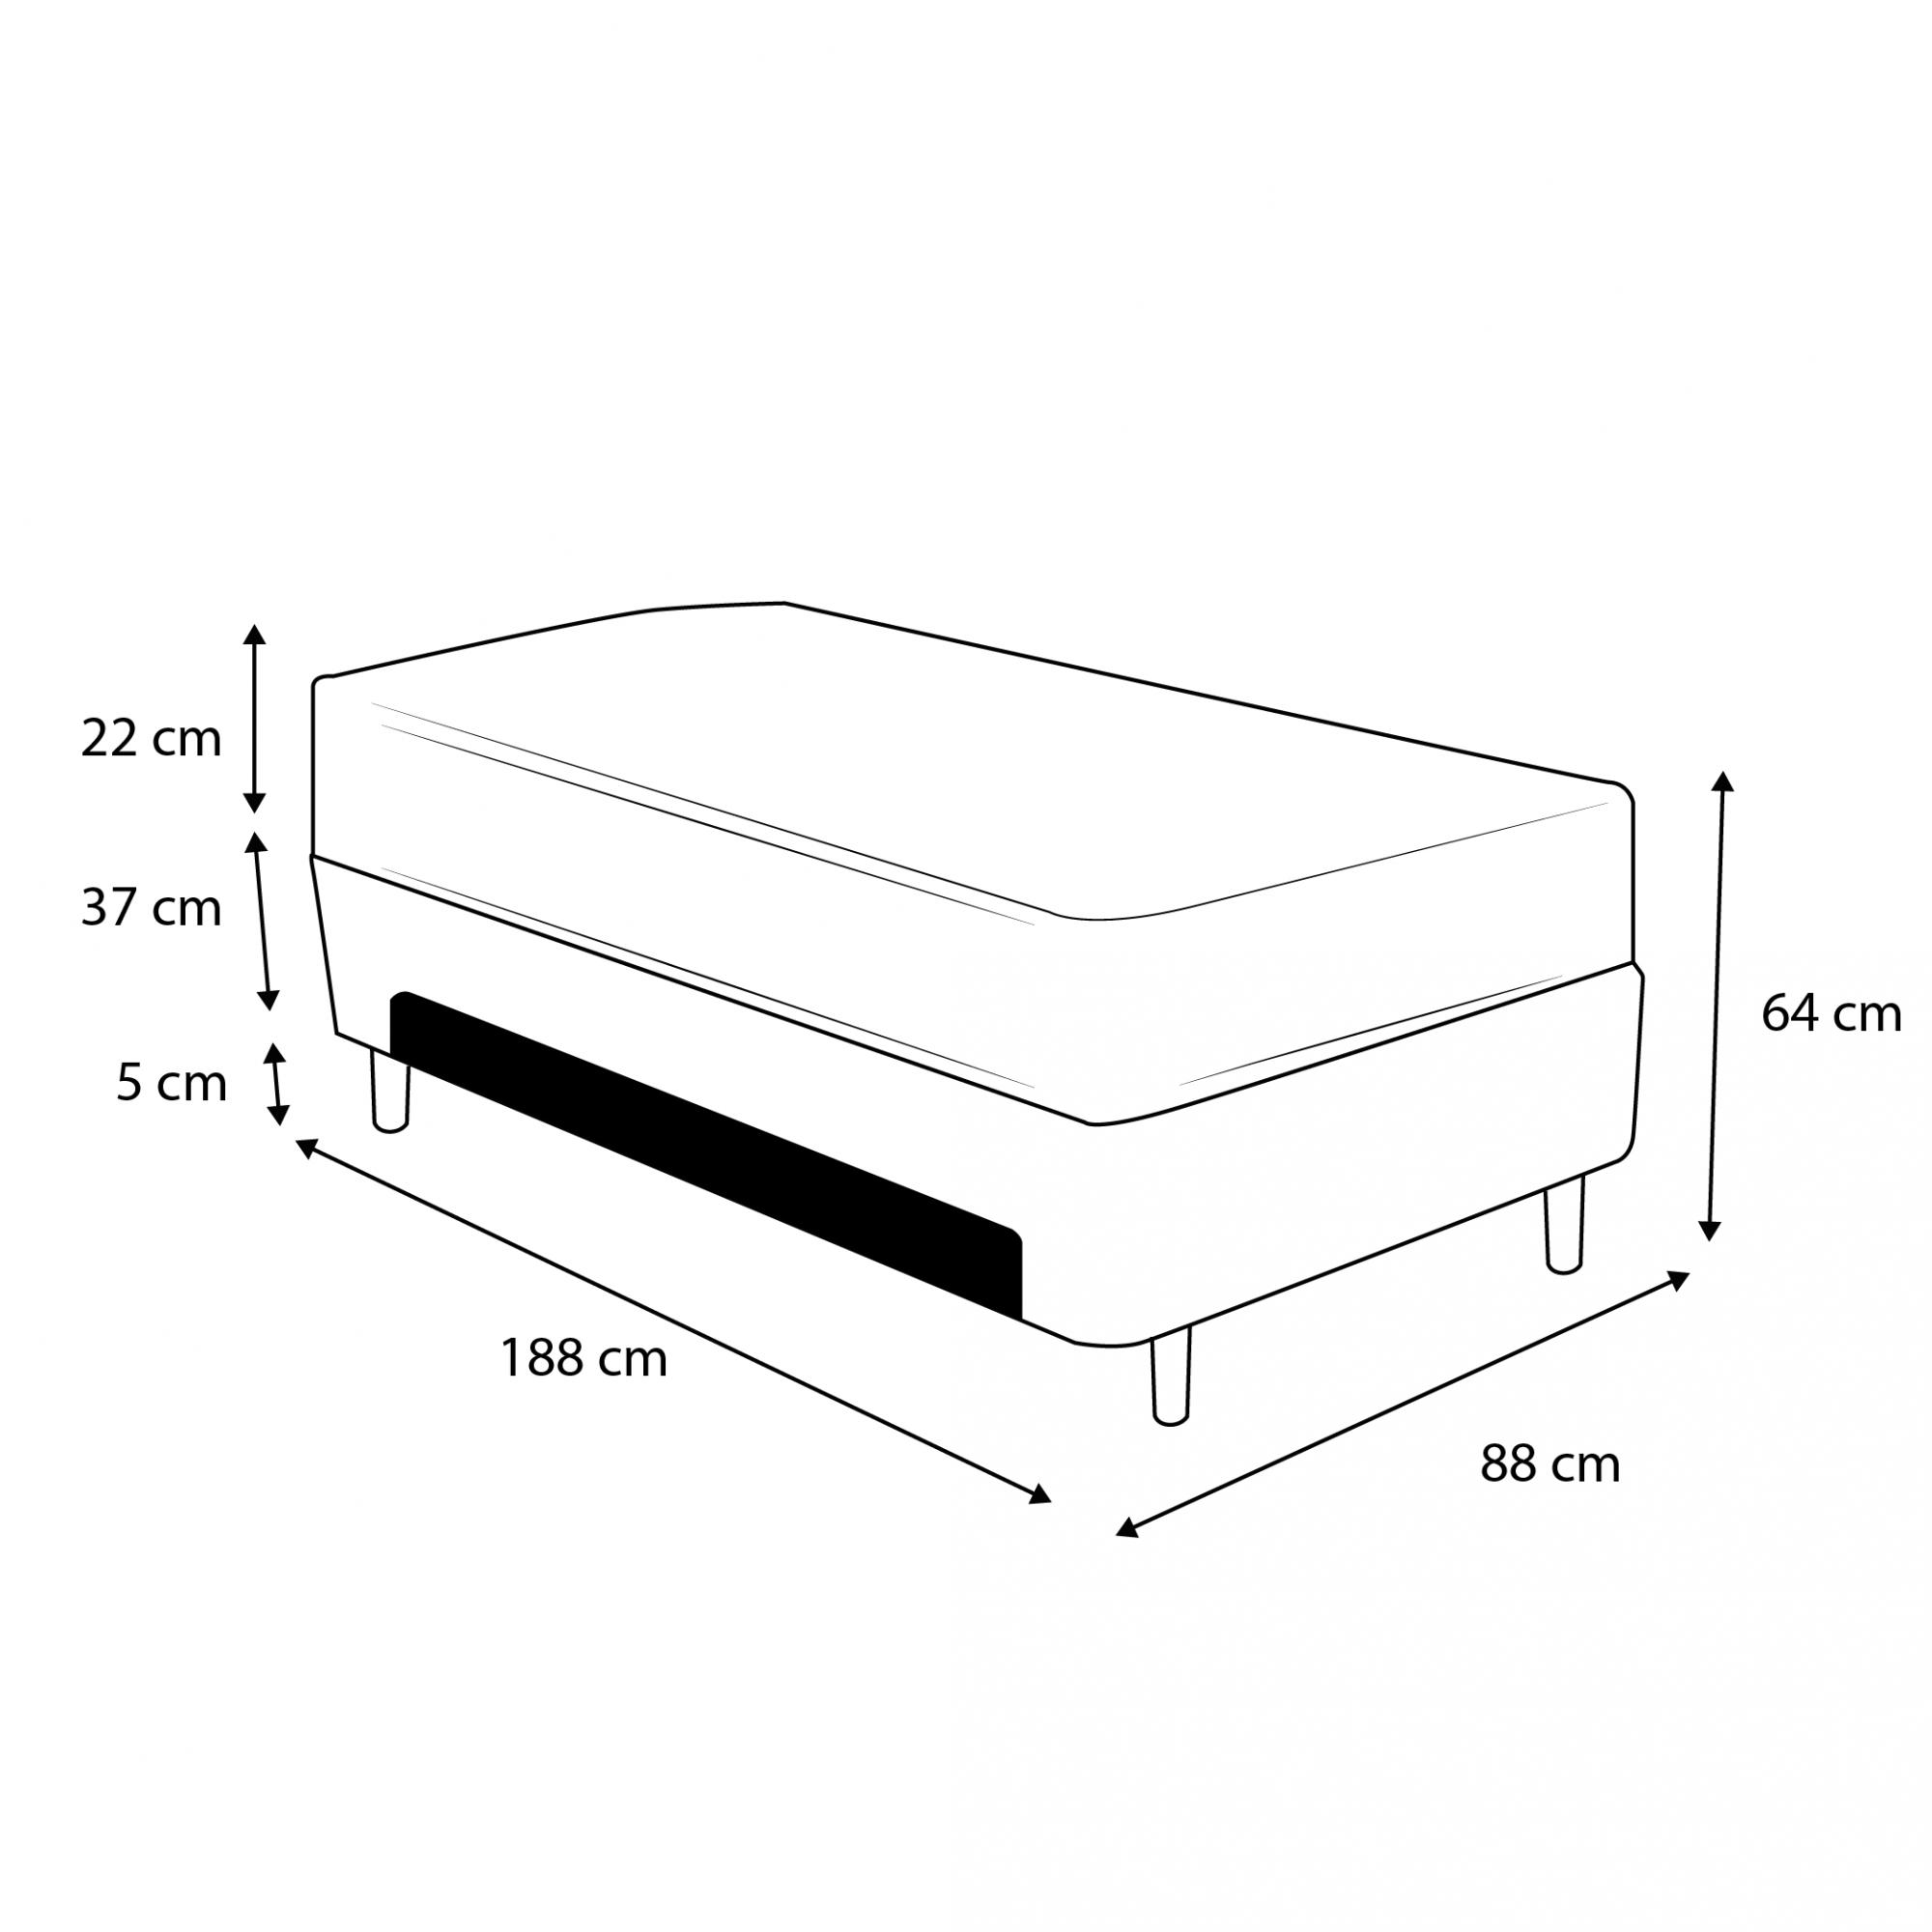 Cama Box Baú Auxiliar Solteiro Preta + Colchão Molas Superlastic Solteiro - Comfort Prime - Prime Dreams 88x188x64cm